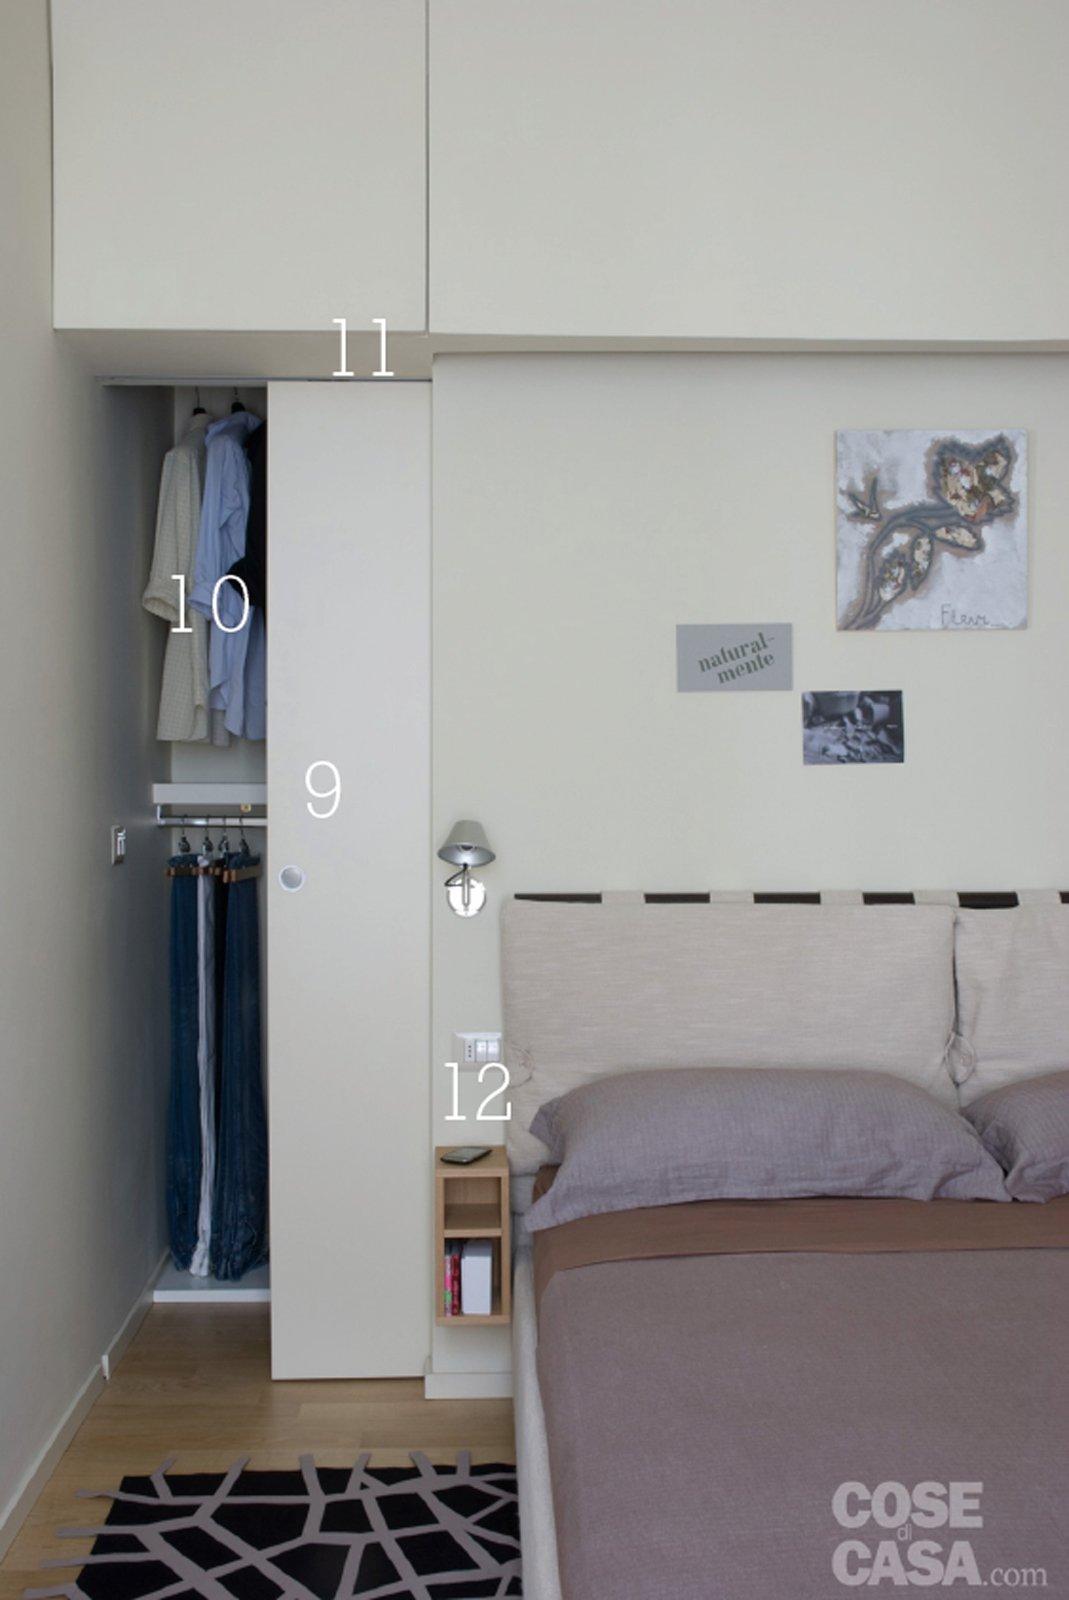 15 idee che risolvono per una casa di 44 mq, tutta da copiare ... - Ampio Armadio Allinterno Idee Progettuali